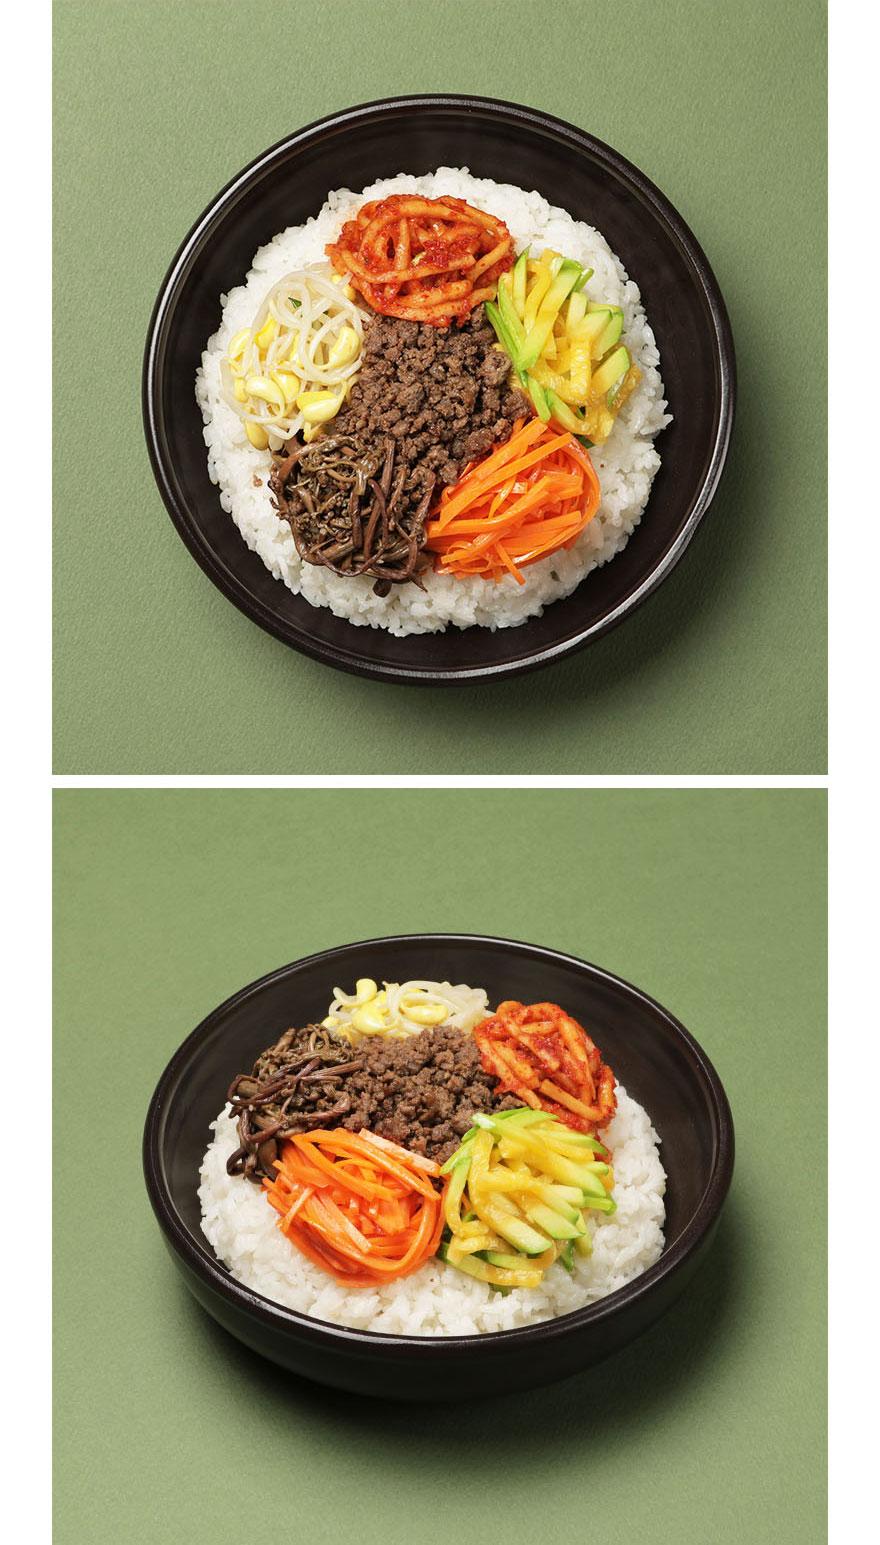 한우소고기 비빔나물 비빔밥은 가장 한국적인 대표 음식 중 하나인데요. 각 재료가 가진 고유의 맛들이 조화롭게 어울리는 점이 매력 포인트. 한우소고기 비빔나물 한 가지로 간단하게 균형 잡힌 식사를 할 수 있습니다. 다진 소고기 볶음, 고사리, 무생채, 콩나물, 당근, 애호박 무려 6종 구성으로 알차게 즐기세요. *밥과 고추장은 따로 준비해주세요. *기호에 따라 달걀 프라이를 추가하셔도 좋습니다.